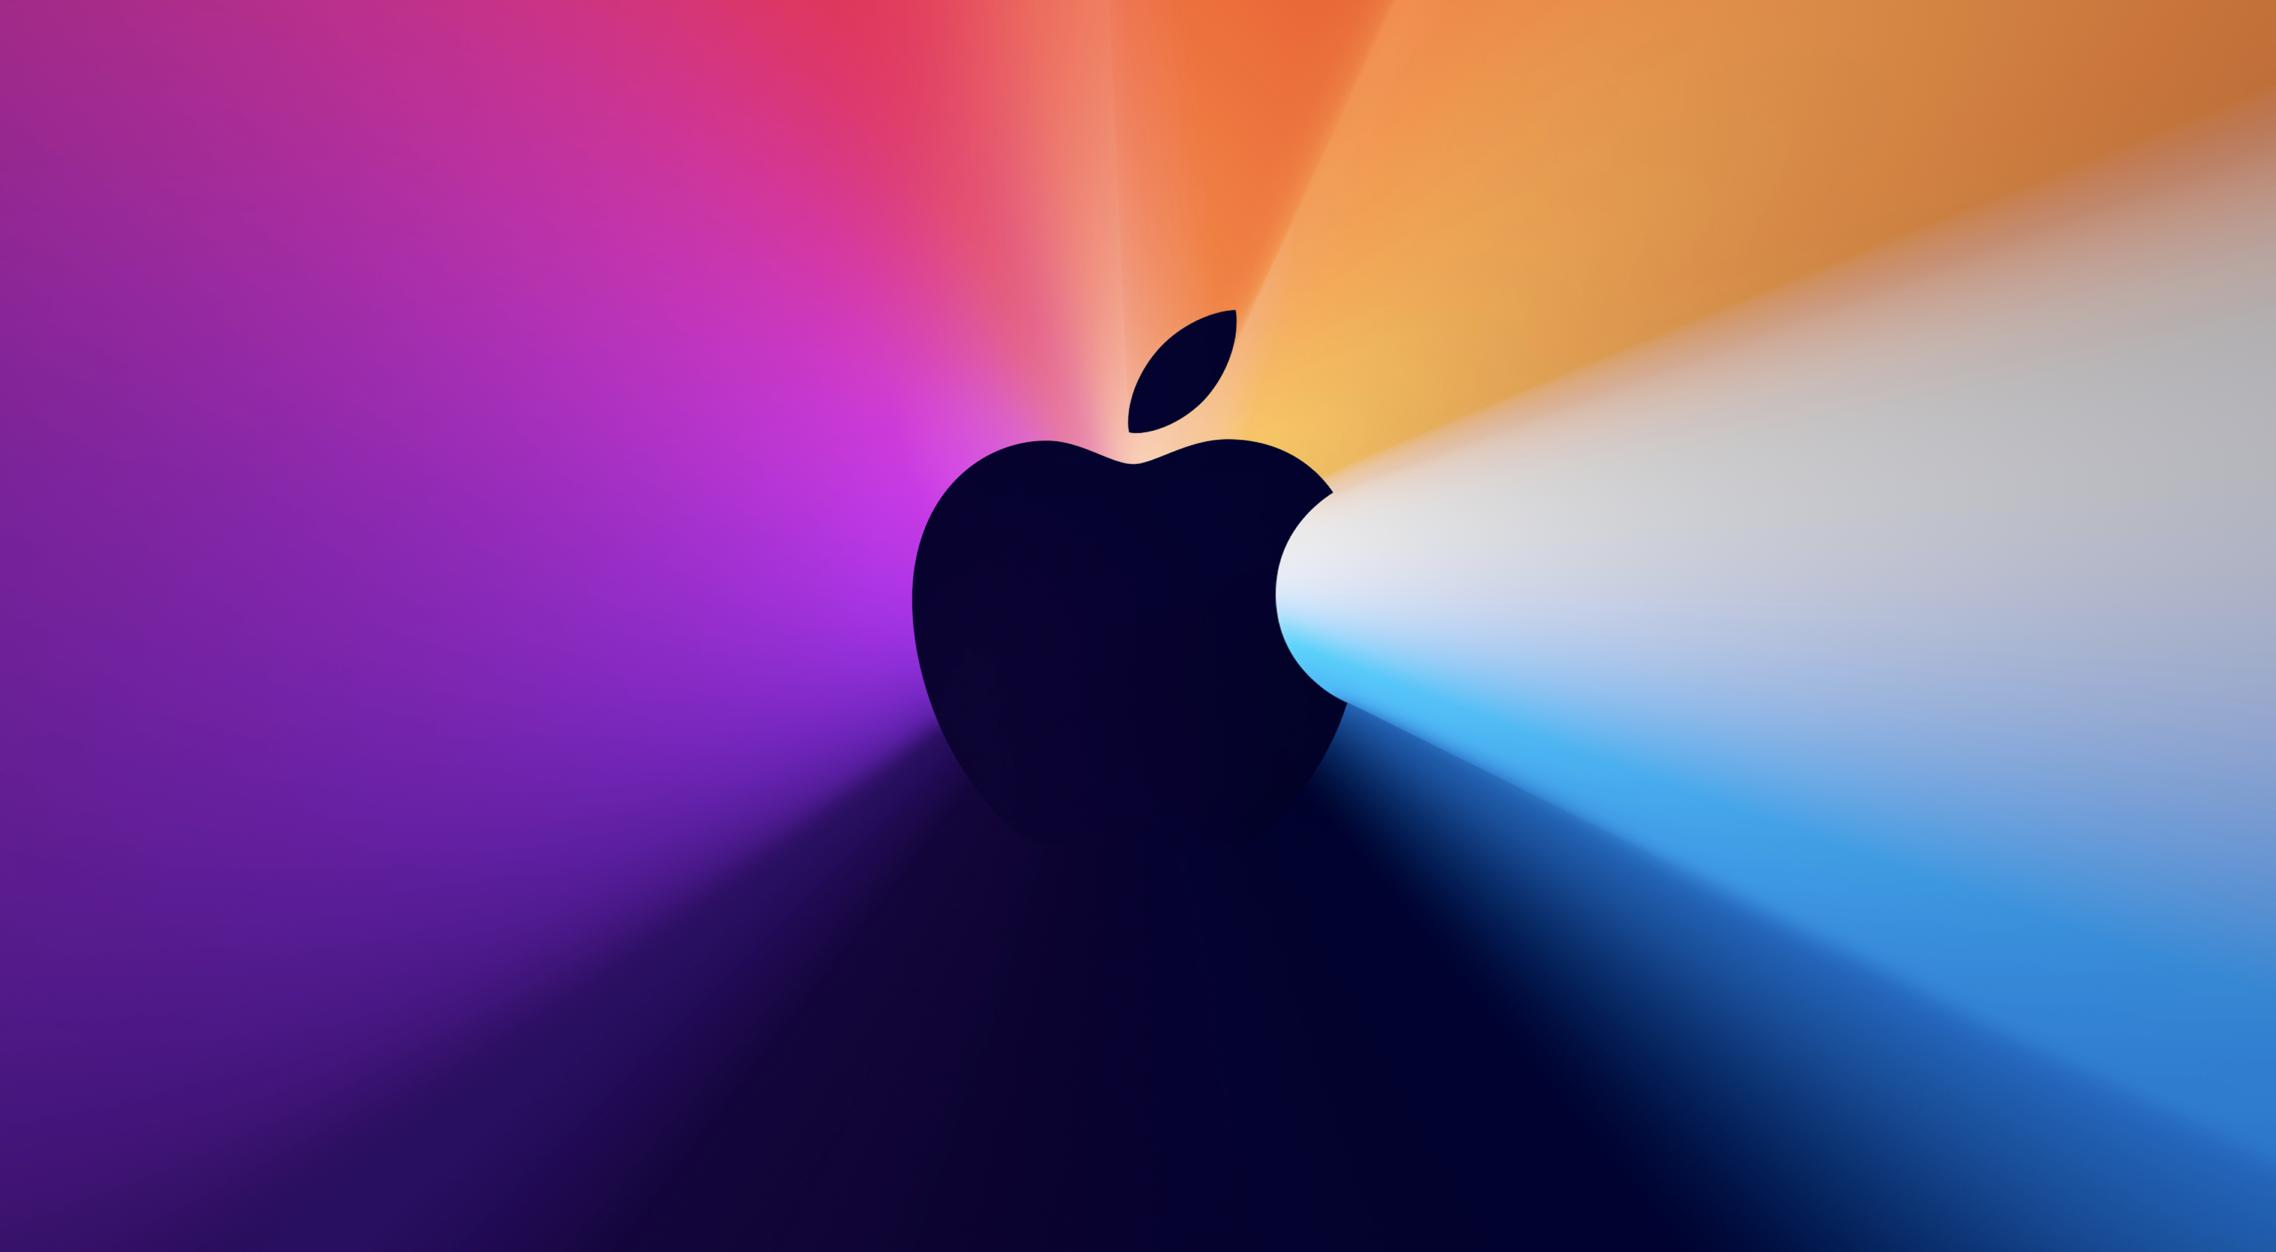 郭明錤:苹果iPhone 13或将支持低轨道卫星通讯 合作商包括中国电信  郭明錤:苹果iPhone 13或将支持低轨道卫星通讯 合作商包括中国电信